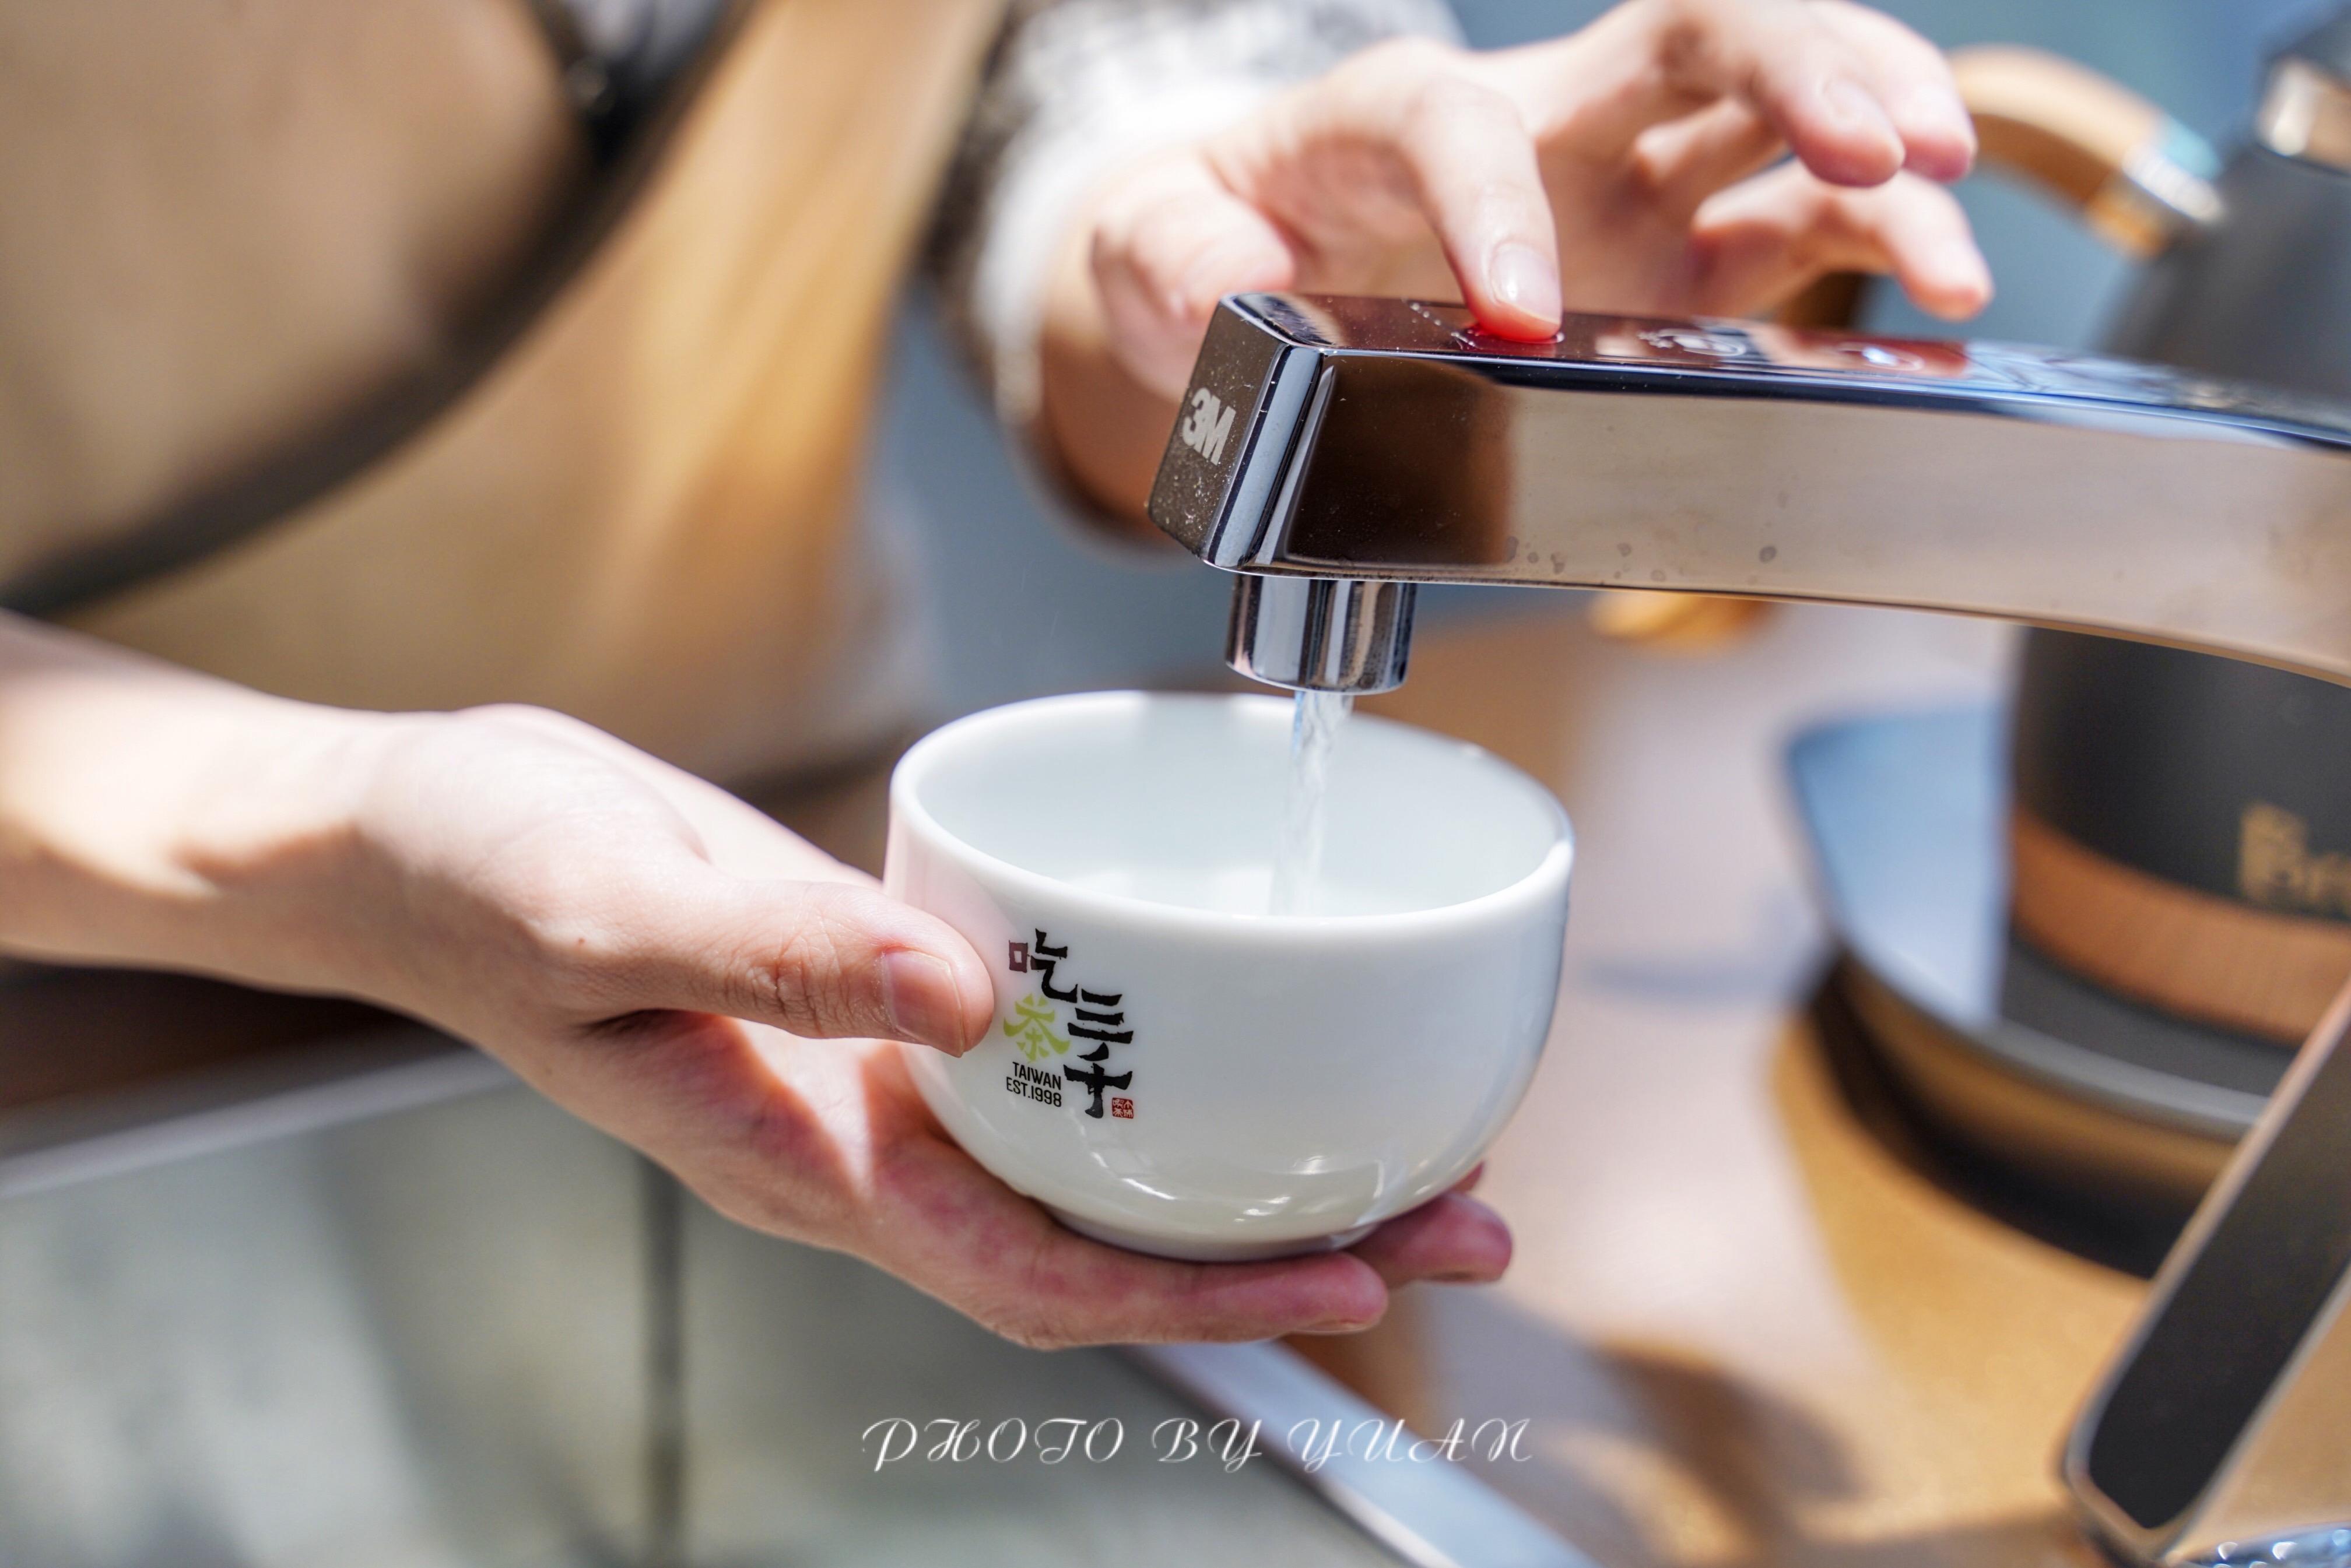 萃茶的原理_当然有这么好的茶底也要有好的萃茶技艺,店内屹立着一个全西安最先进萃茶机,其原理就是用高压高温的手法通过短时间内萃取出茶叶里面最有